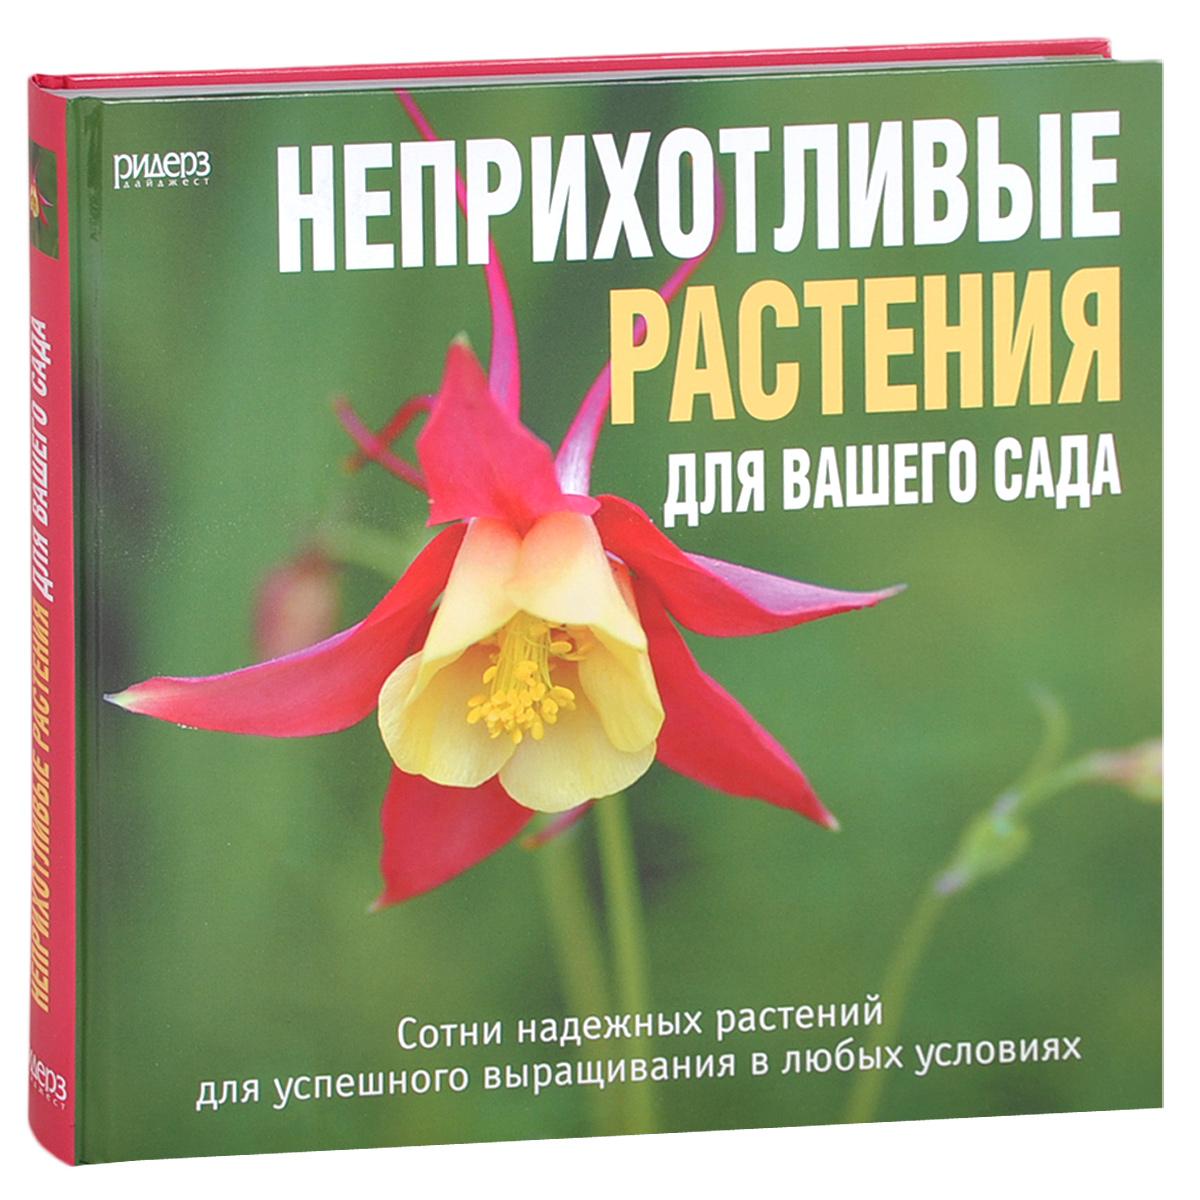 Питер Барнс,Ричард Розенфельд,Алекса Стэйси Неприхотливые растения для вашего сада